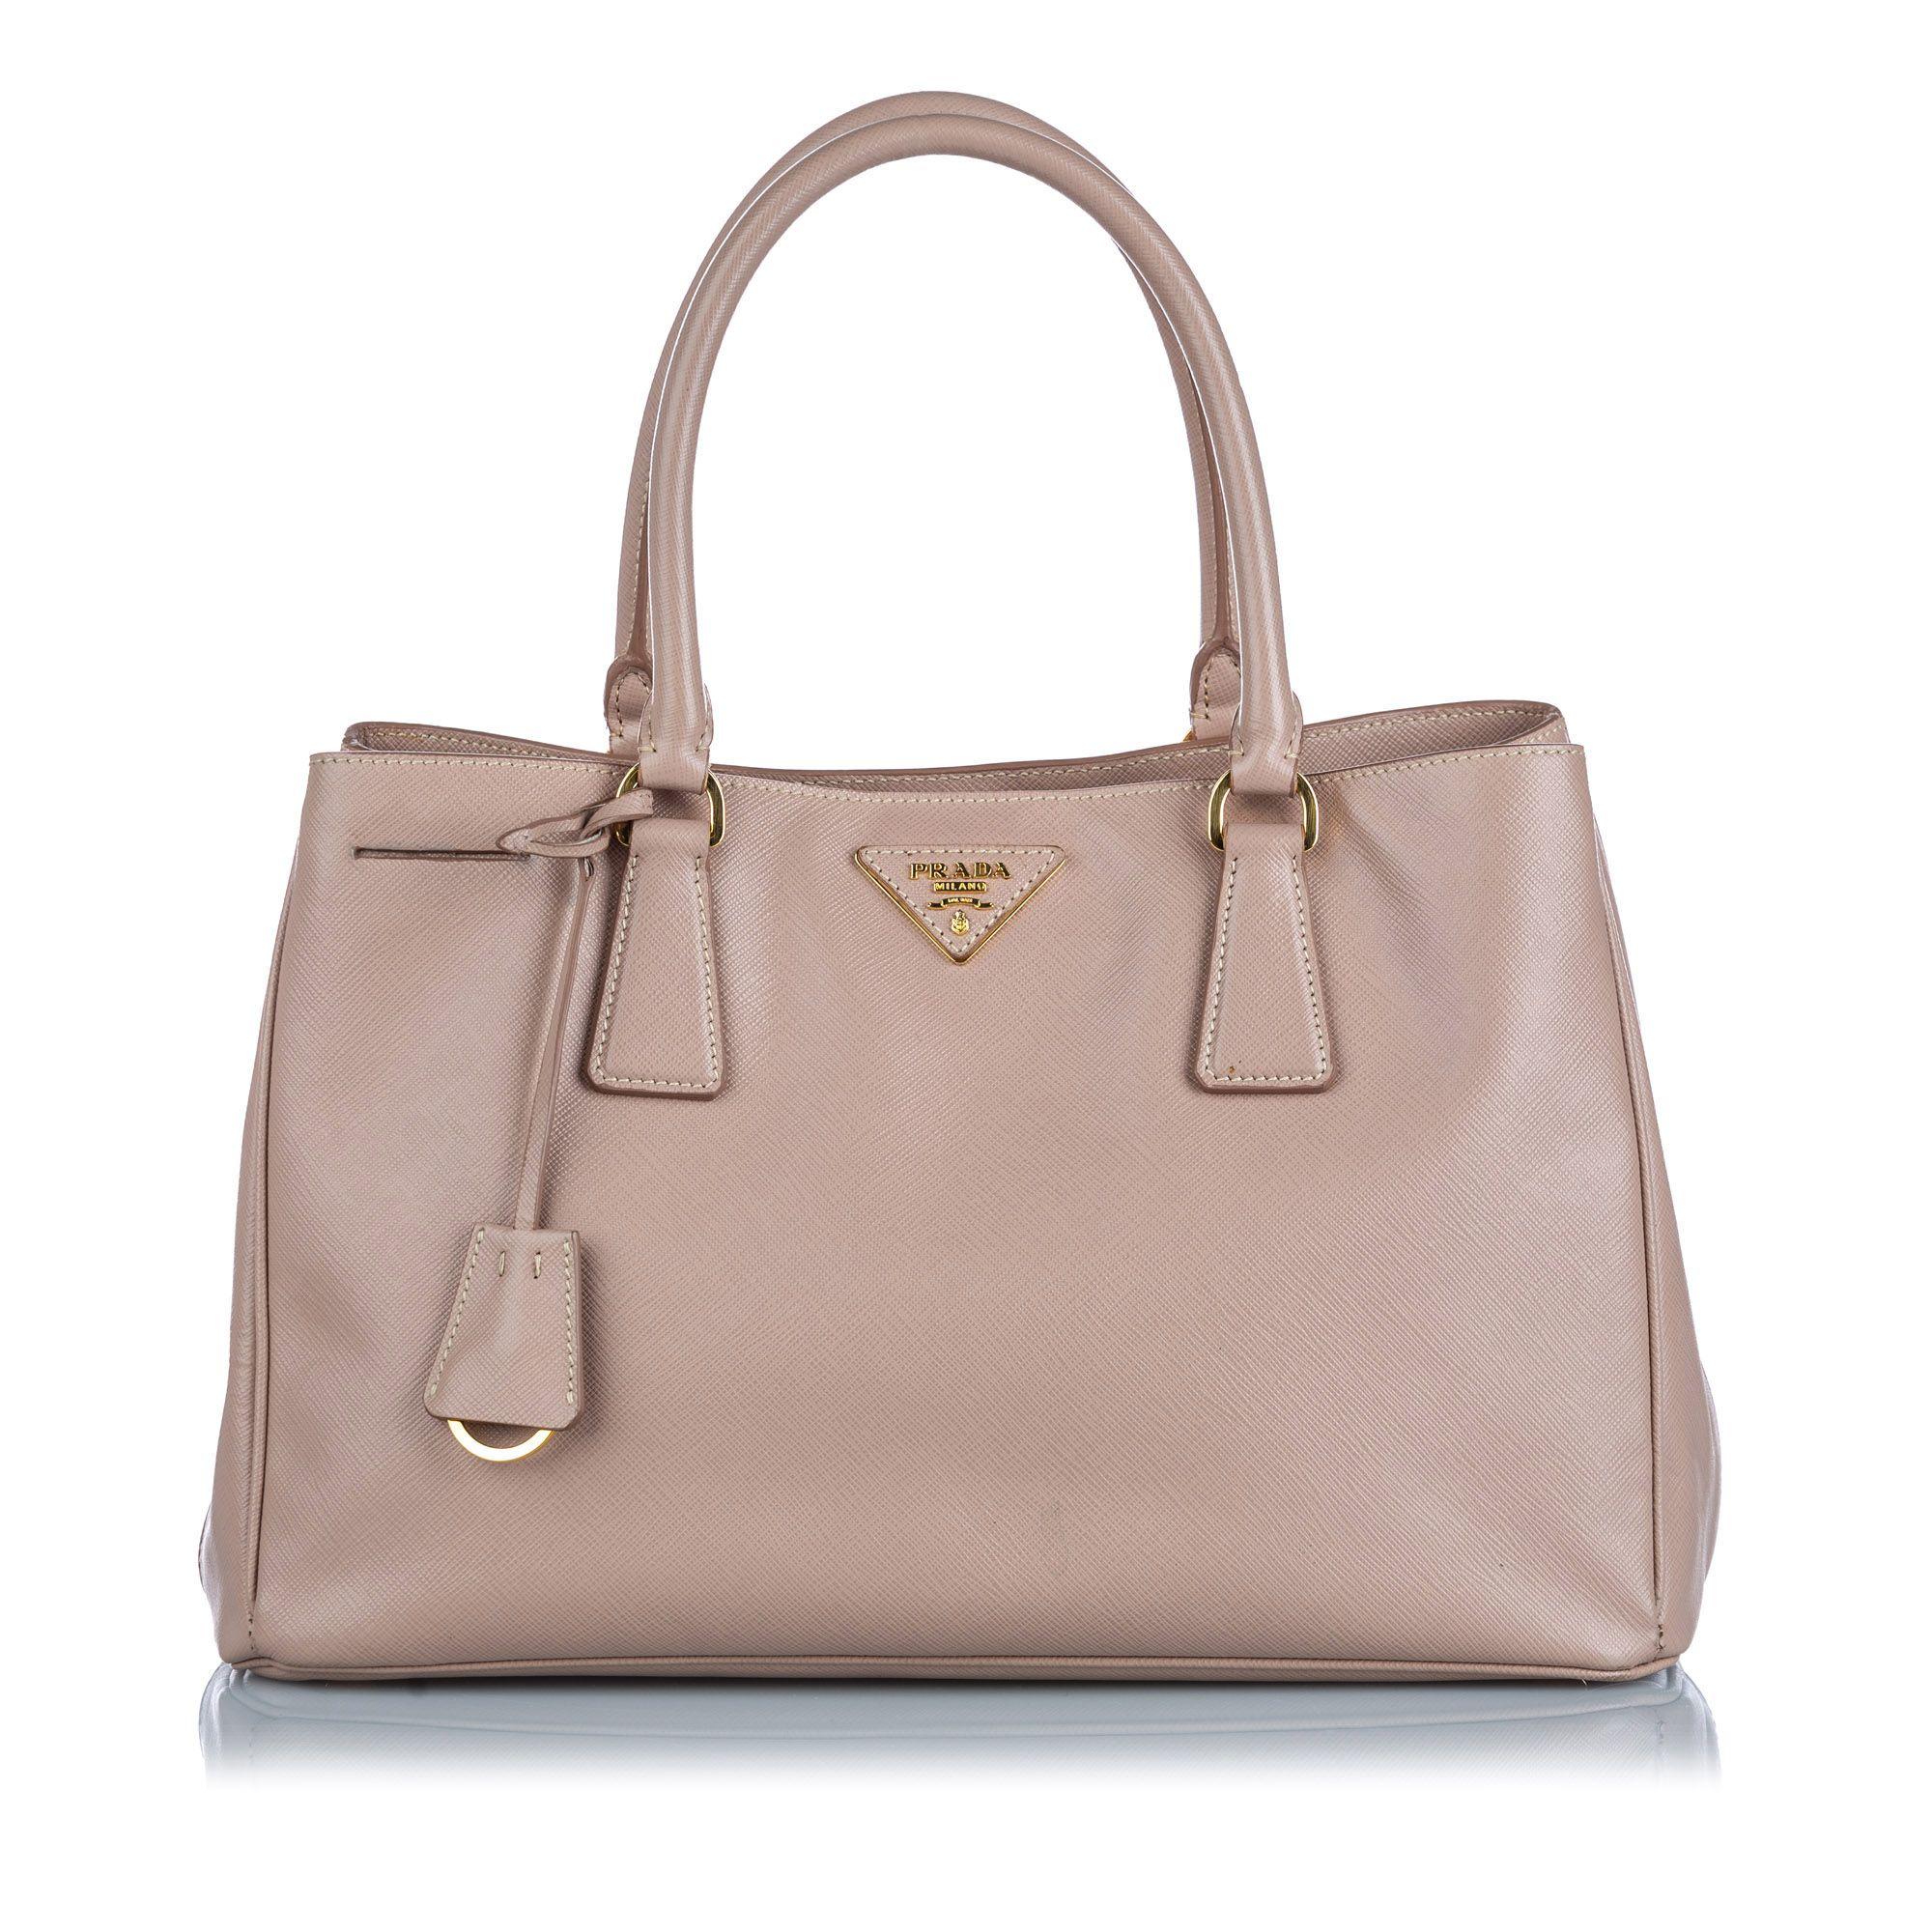 Vintage Prada Leather Saffiano Galleria Handbag Brown